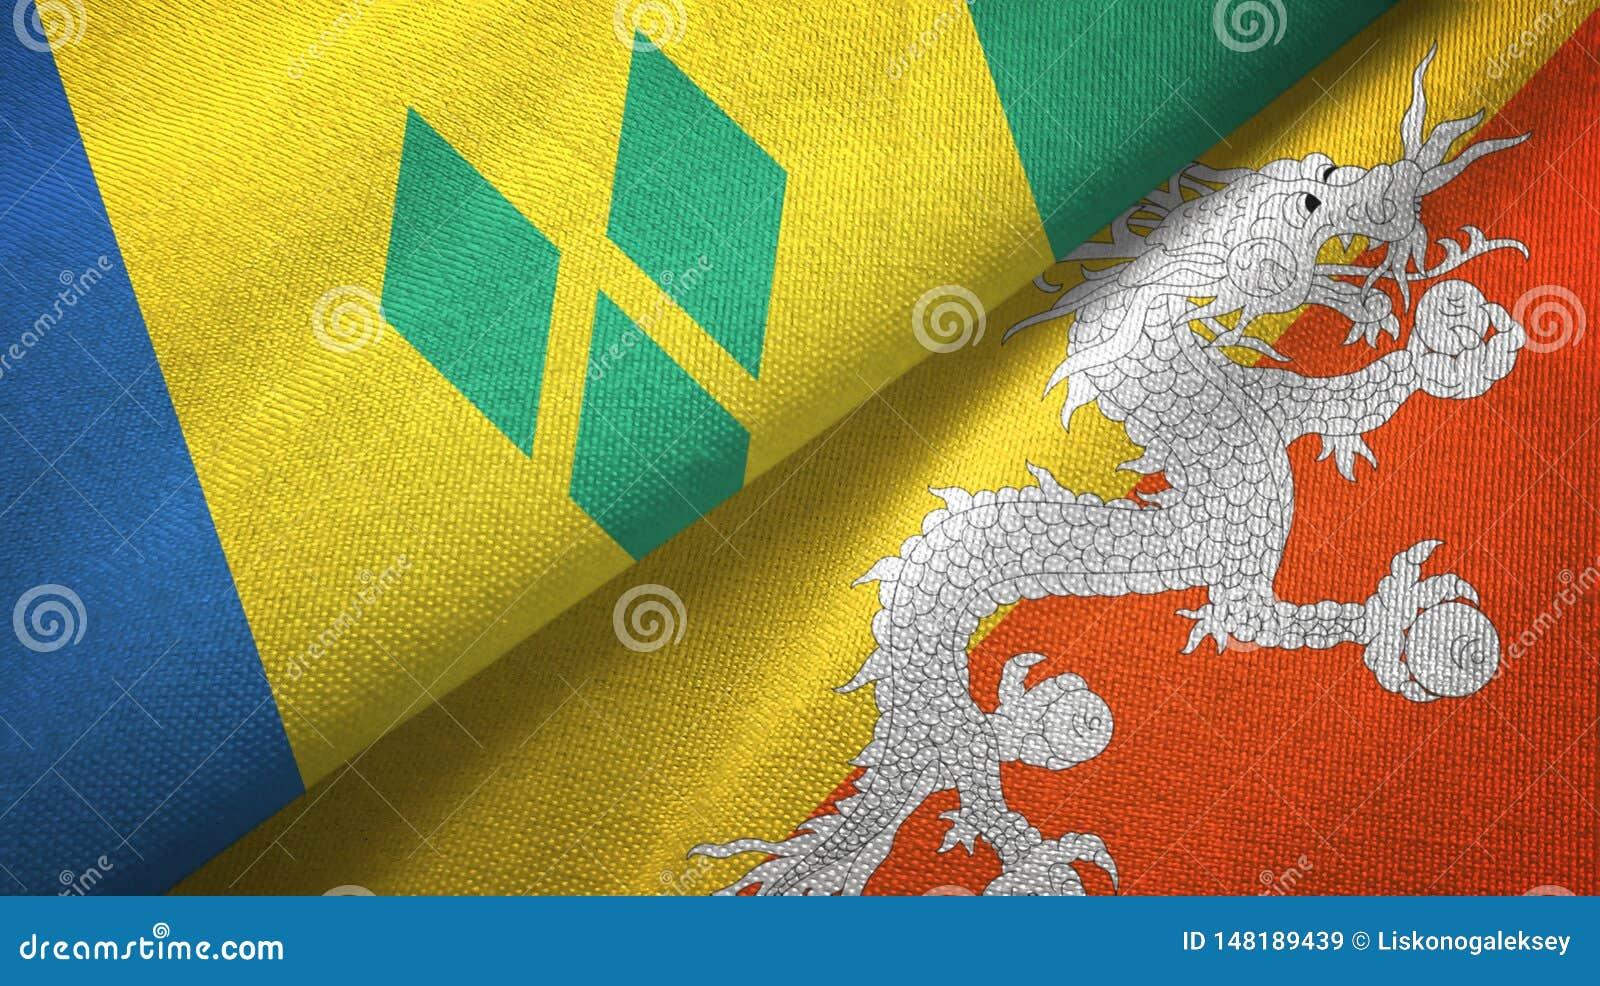 Άγιος Βικέντιος και Γρεναδίνες και Μπουτάν δύο σημαίες